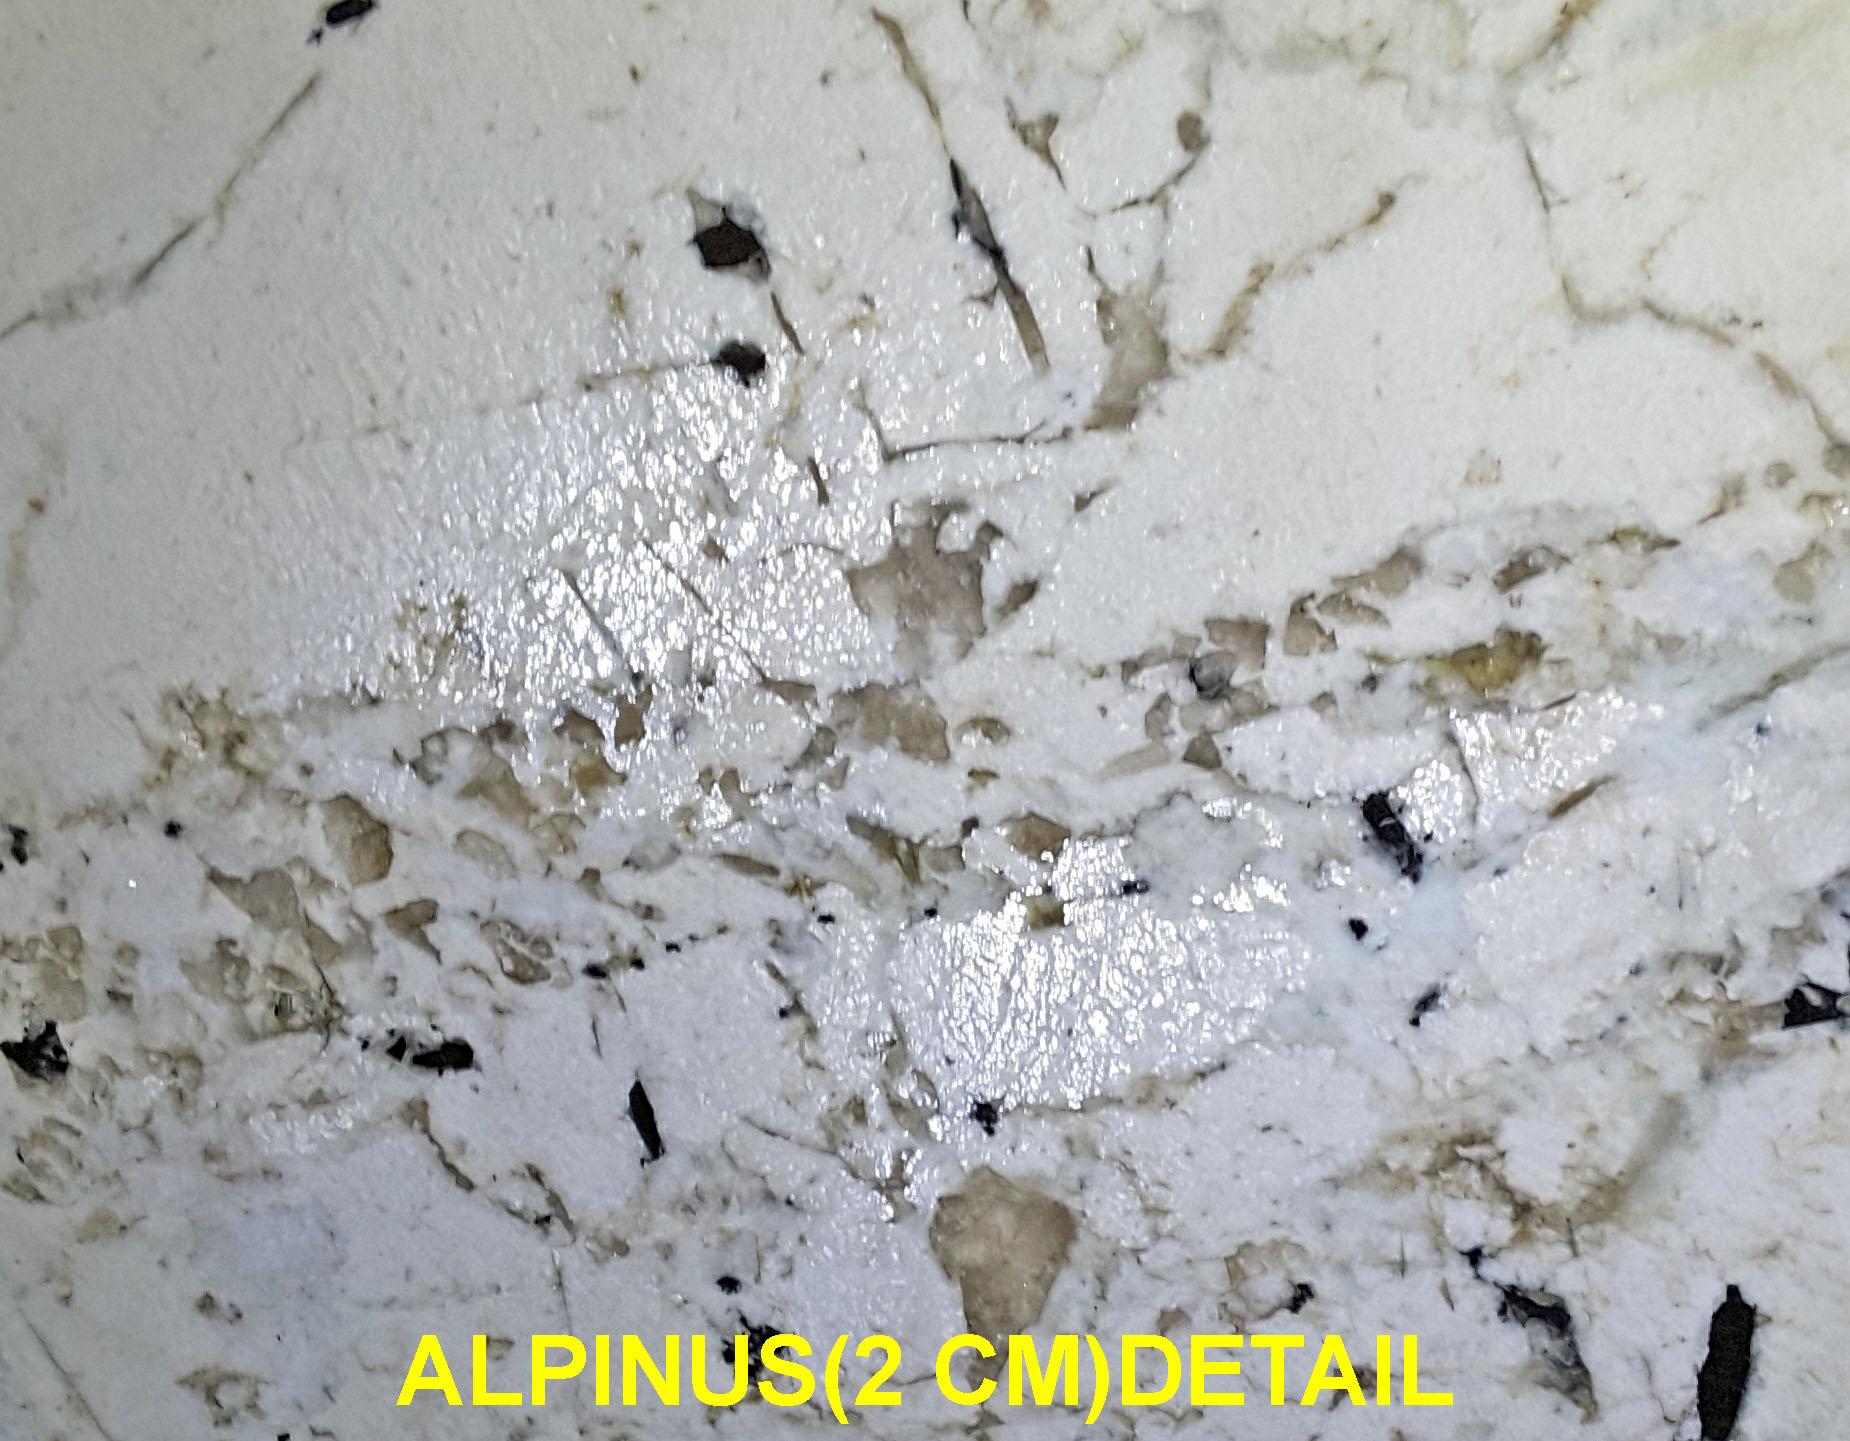 ALPINUS (2 CM)-#11860 (2)DET.